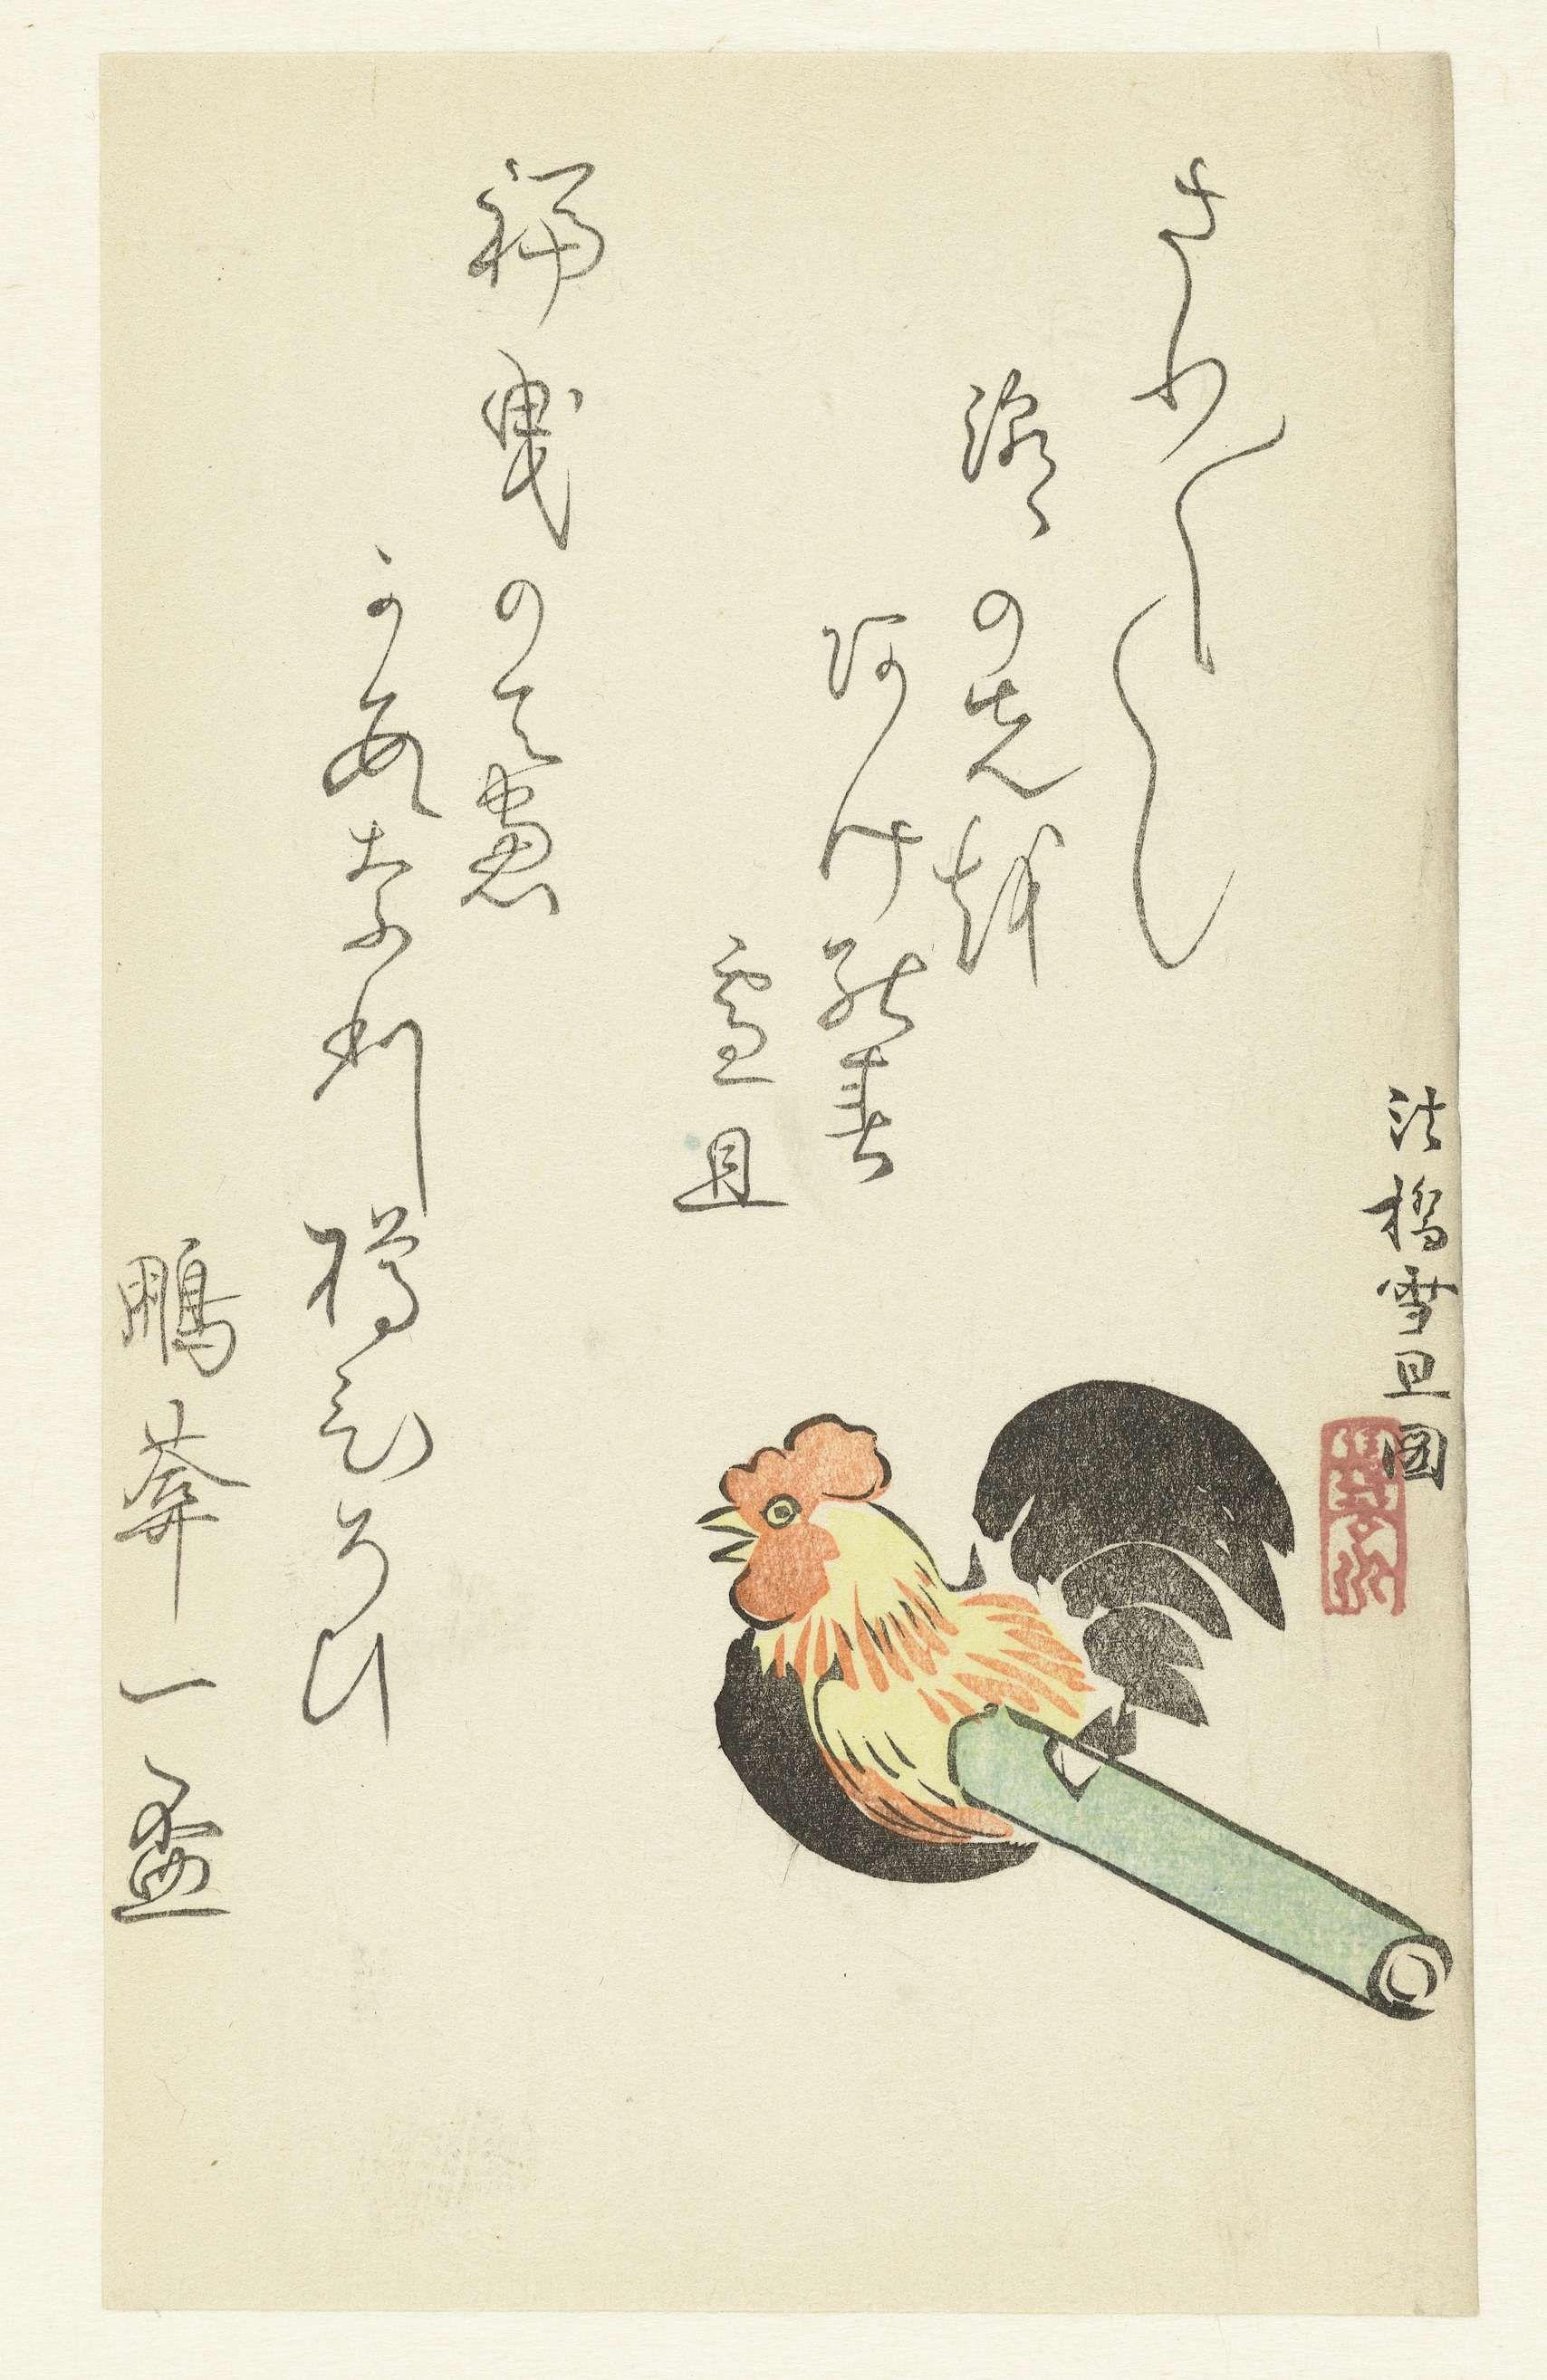 Hasegawa Settan | Speelgoed haan, Hasegawa Settan, 1825 | Speelgoed haan met bamboe handvat,waarschijnlijk als fluitje gebruikt. Twee haiku gedichten. Deze prent zat oorspronkelijk in een album waarschijnlijk door Gasai Sadachika op de leeftijd van 67 jaar samengesteld, in het Jaar van de Hond in de Kaei-Periode, Kanoe inu, i.e. 1850, met vnl. werk van Settan en andere ontwerpers.